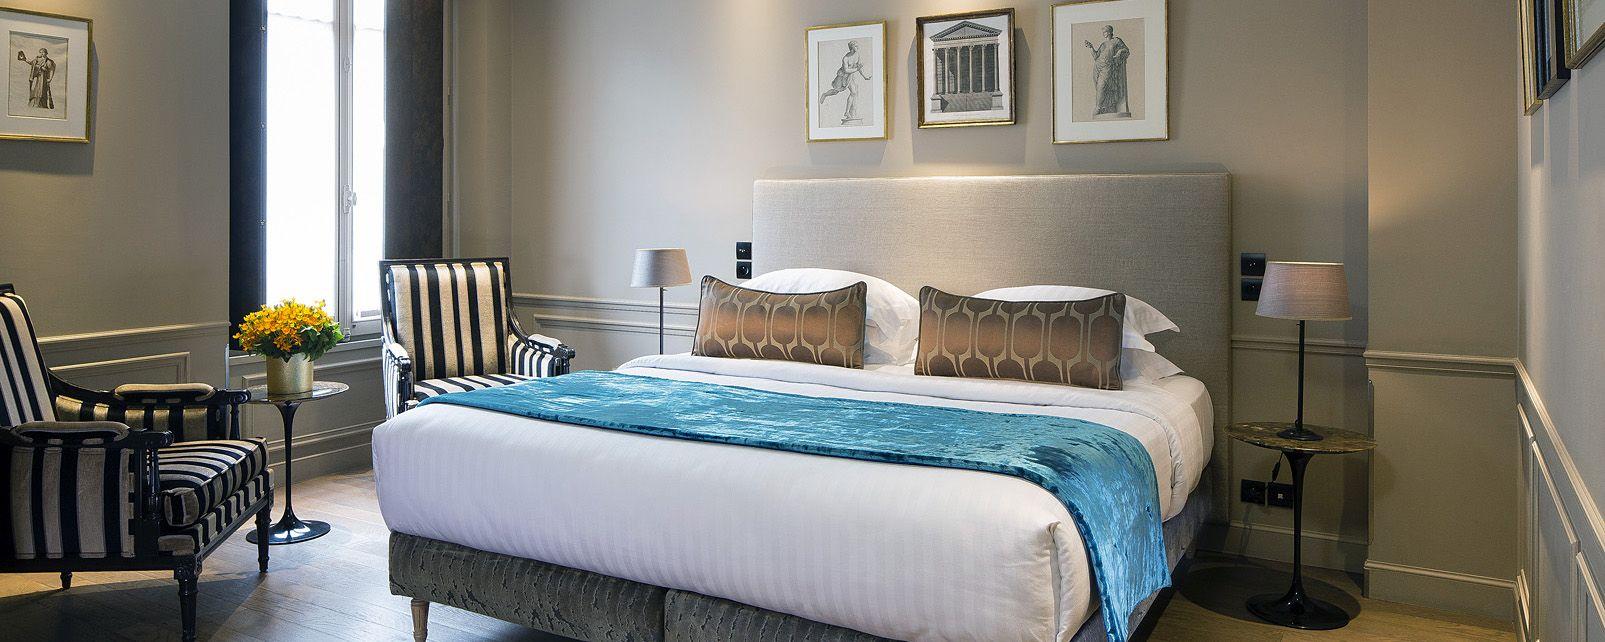 H tel la belle juliette for Hotel la belle juliette paris